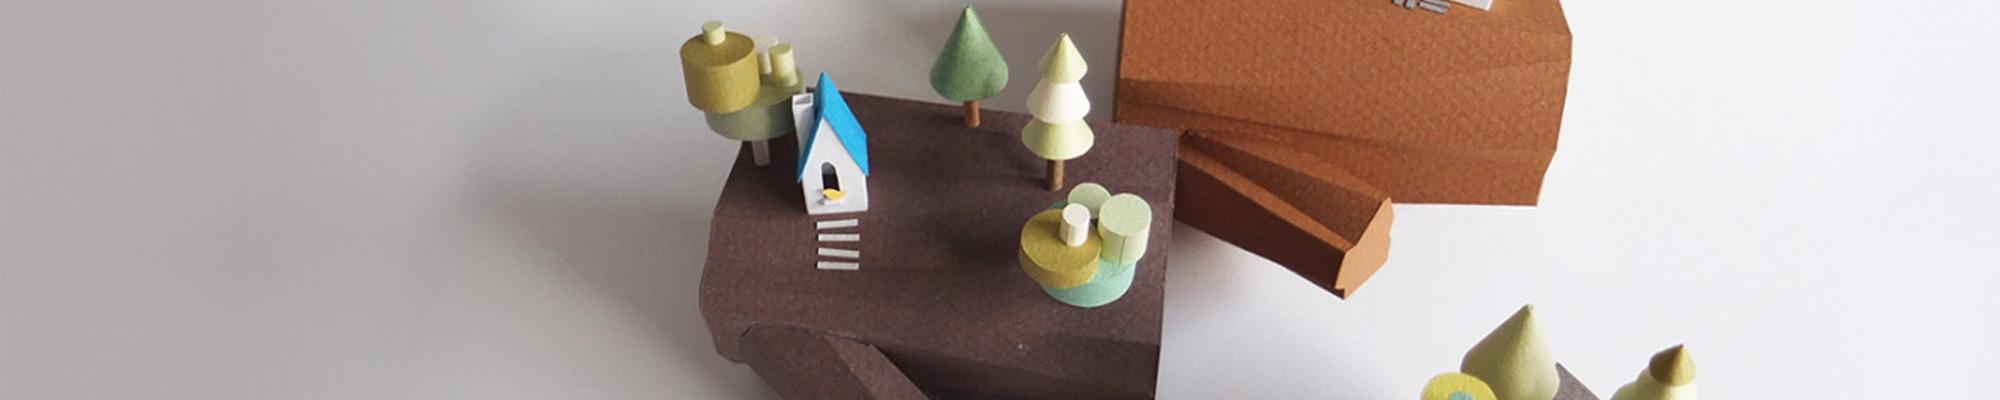 掌中乾坤,来自台湾的乐高设计师创作的小玩意儿